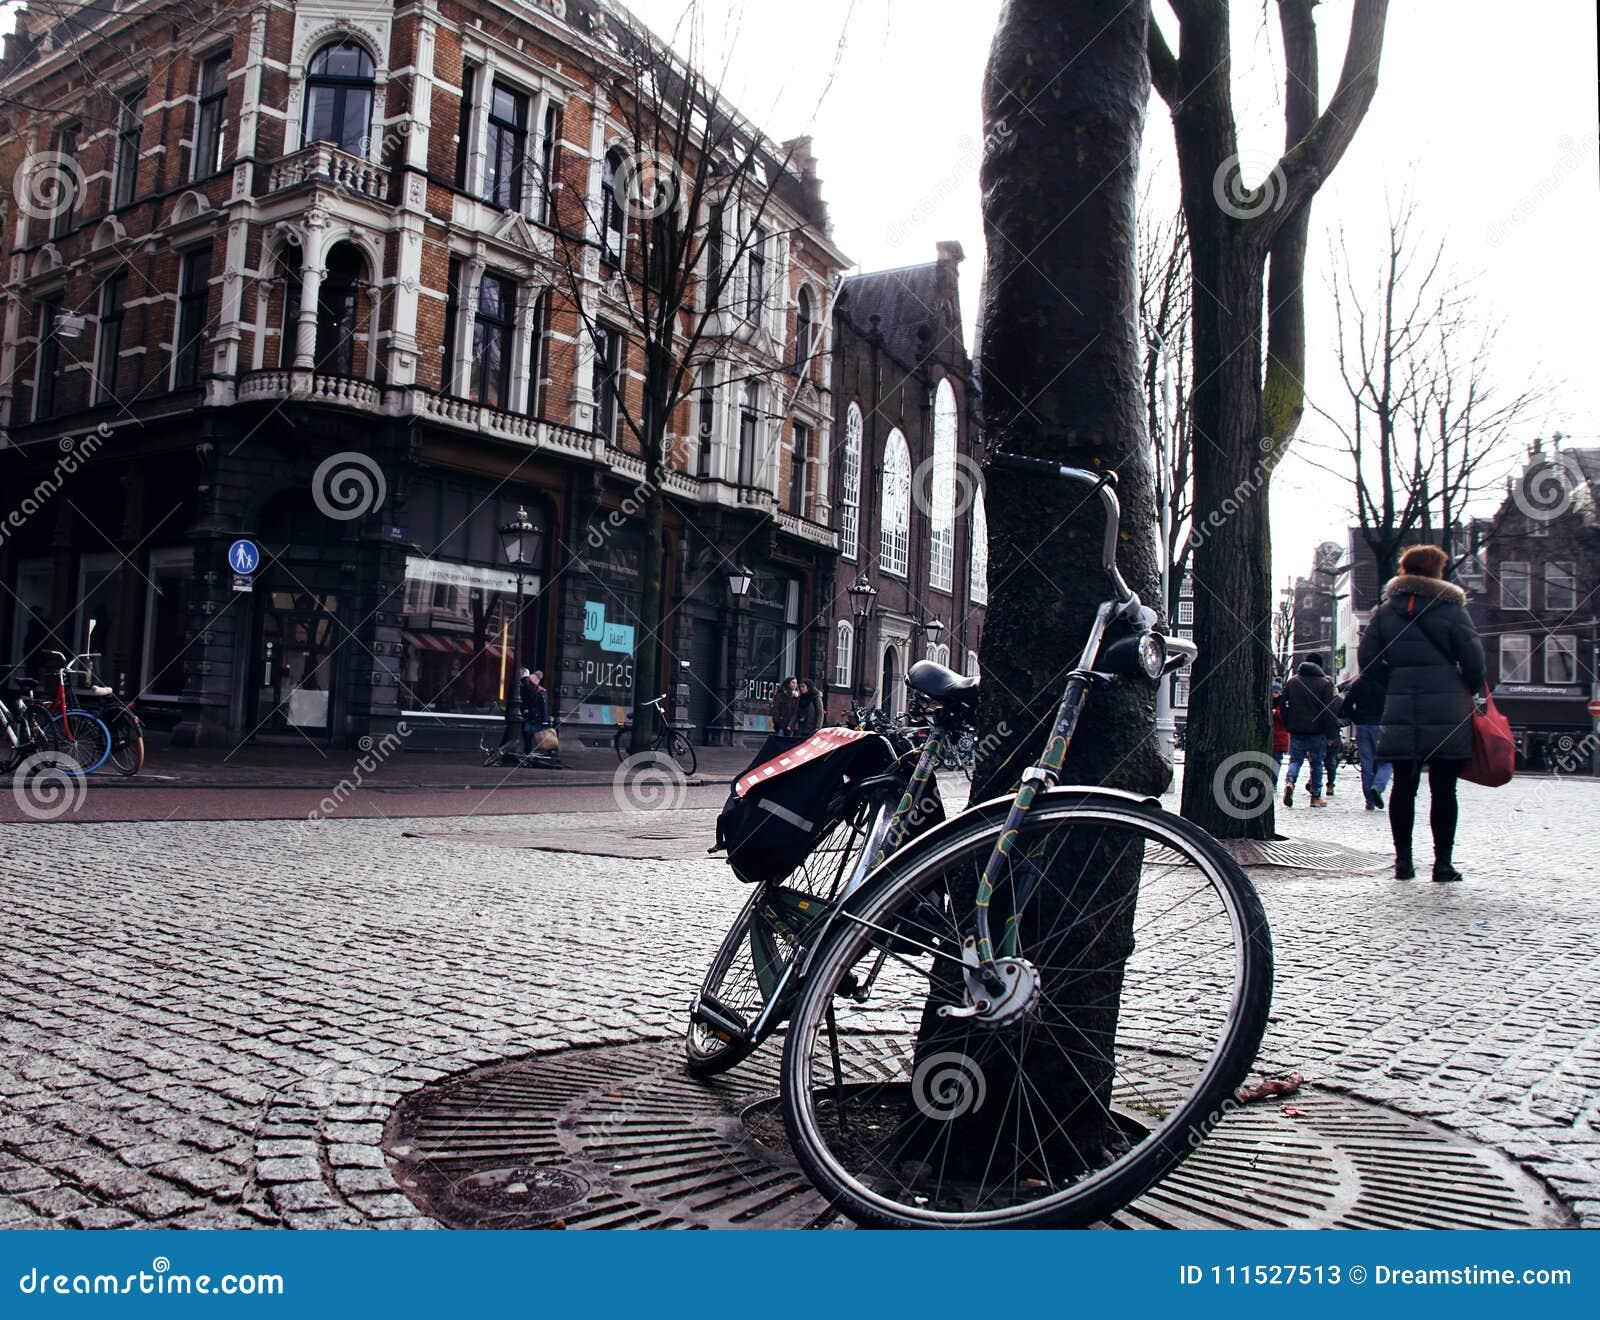 _ Nederländerna ByCycle